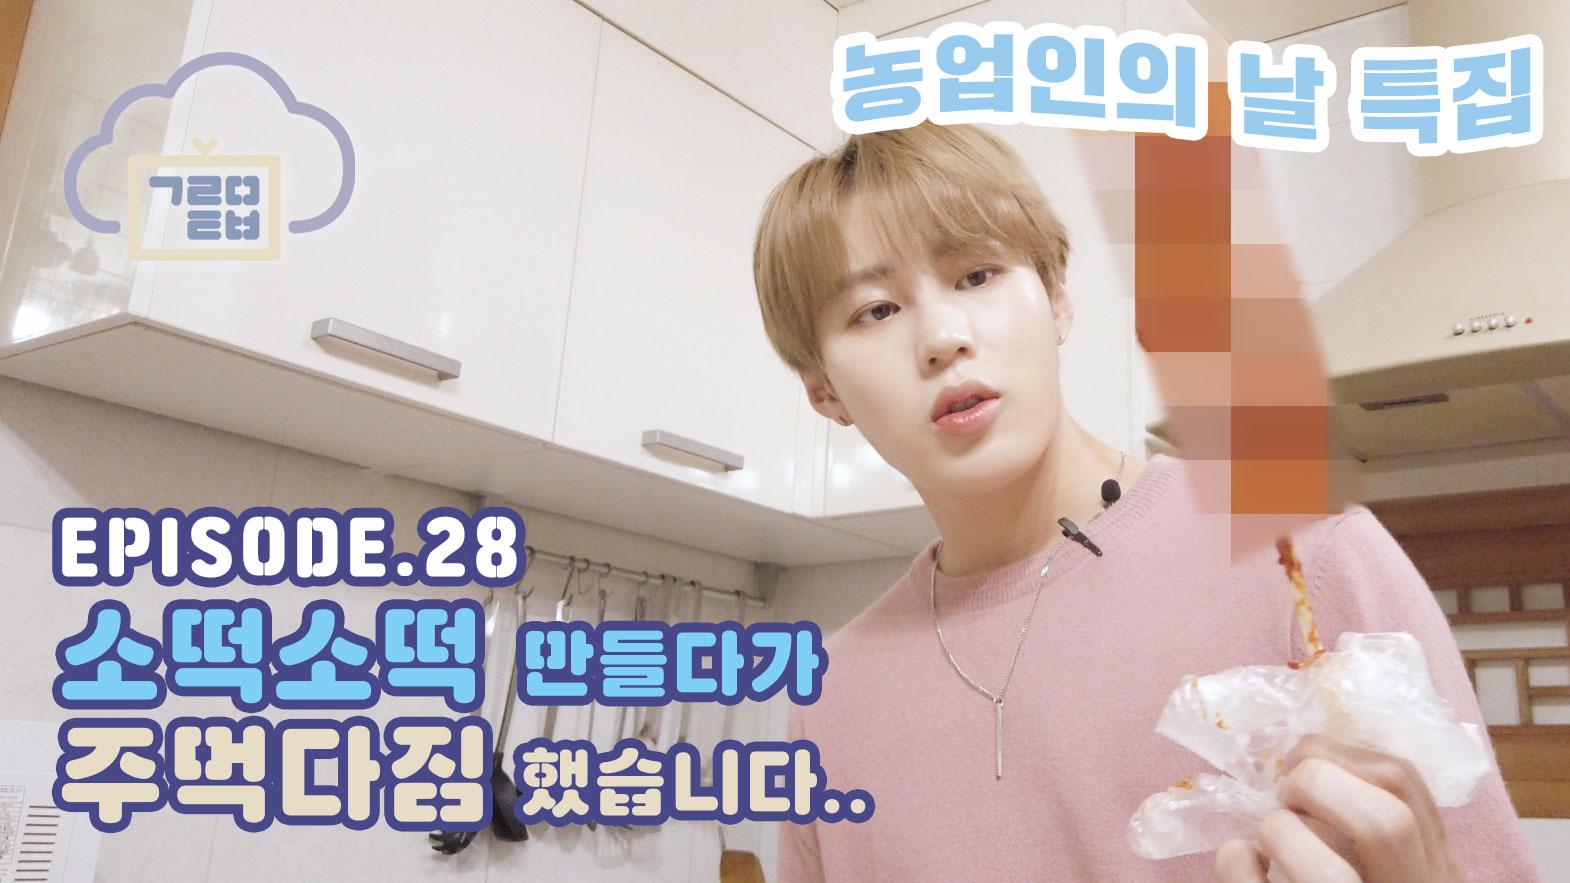 [구르미TV] EP.28 우리쌀 가래떡으로 만드는 소떡소떡